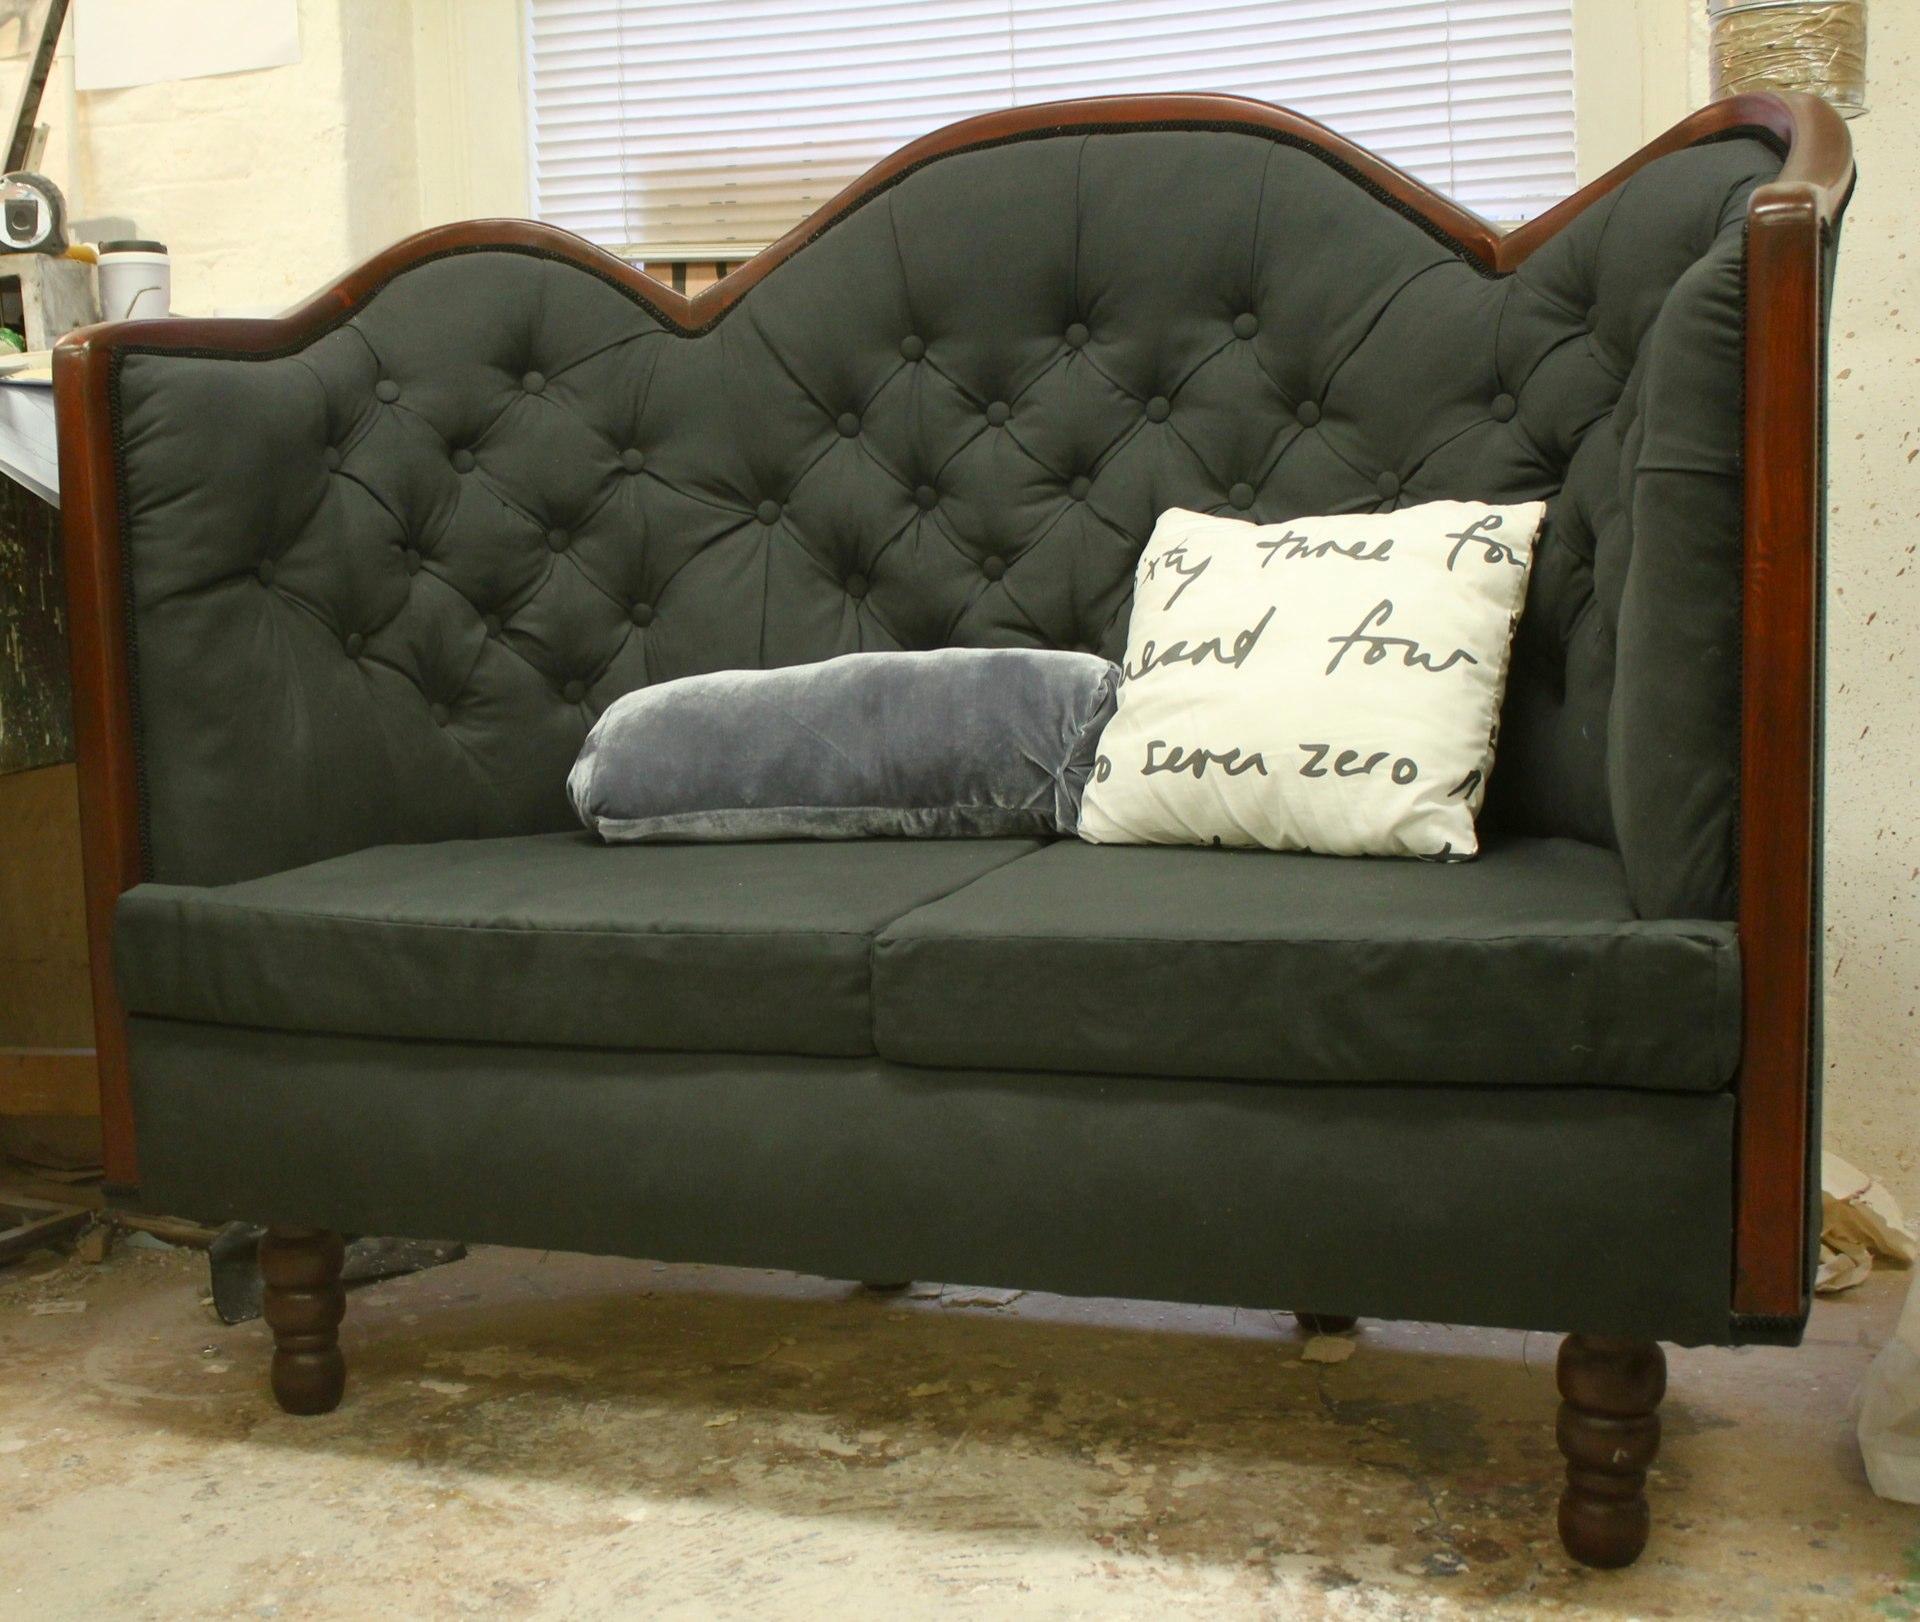 Queen Anne sofa